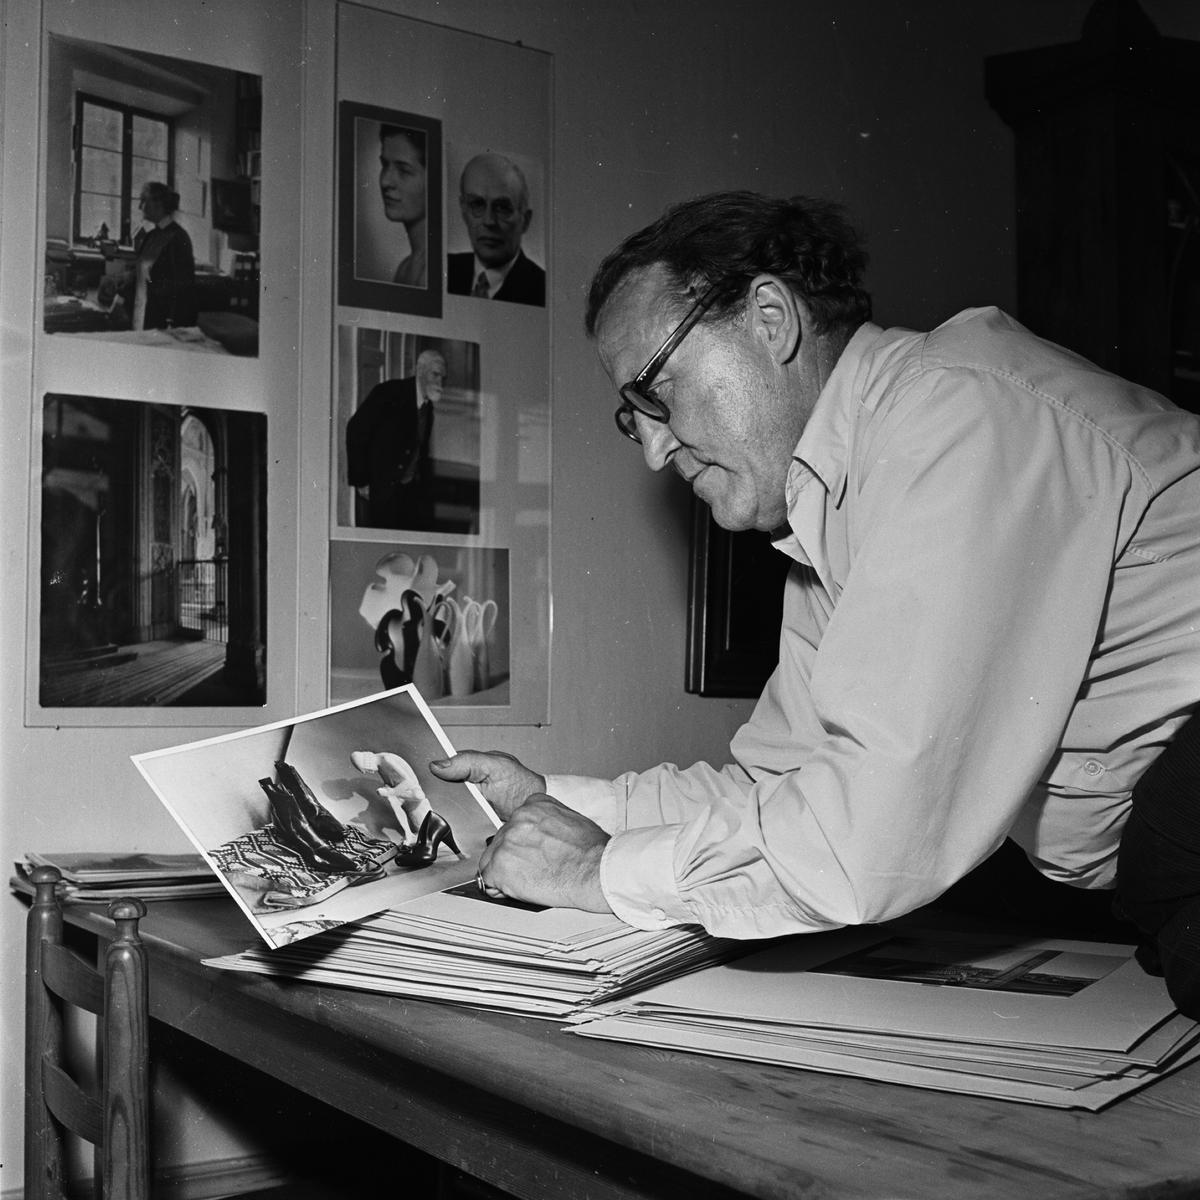 Hovfotograf Gunnar Sundgren, sannolikt i sin ateljé, Östra Ågatan 29, Uppsala, 1955